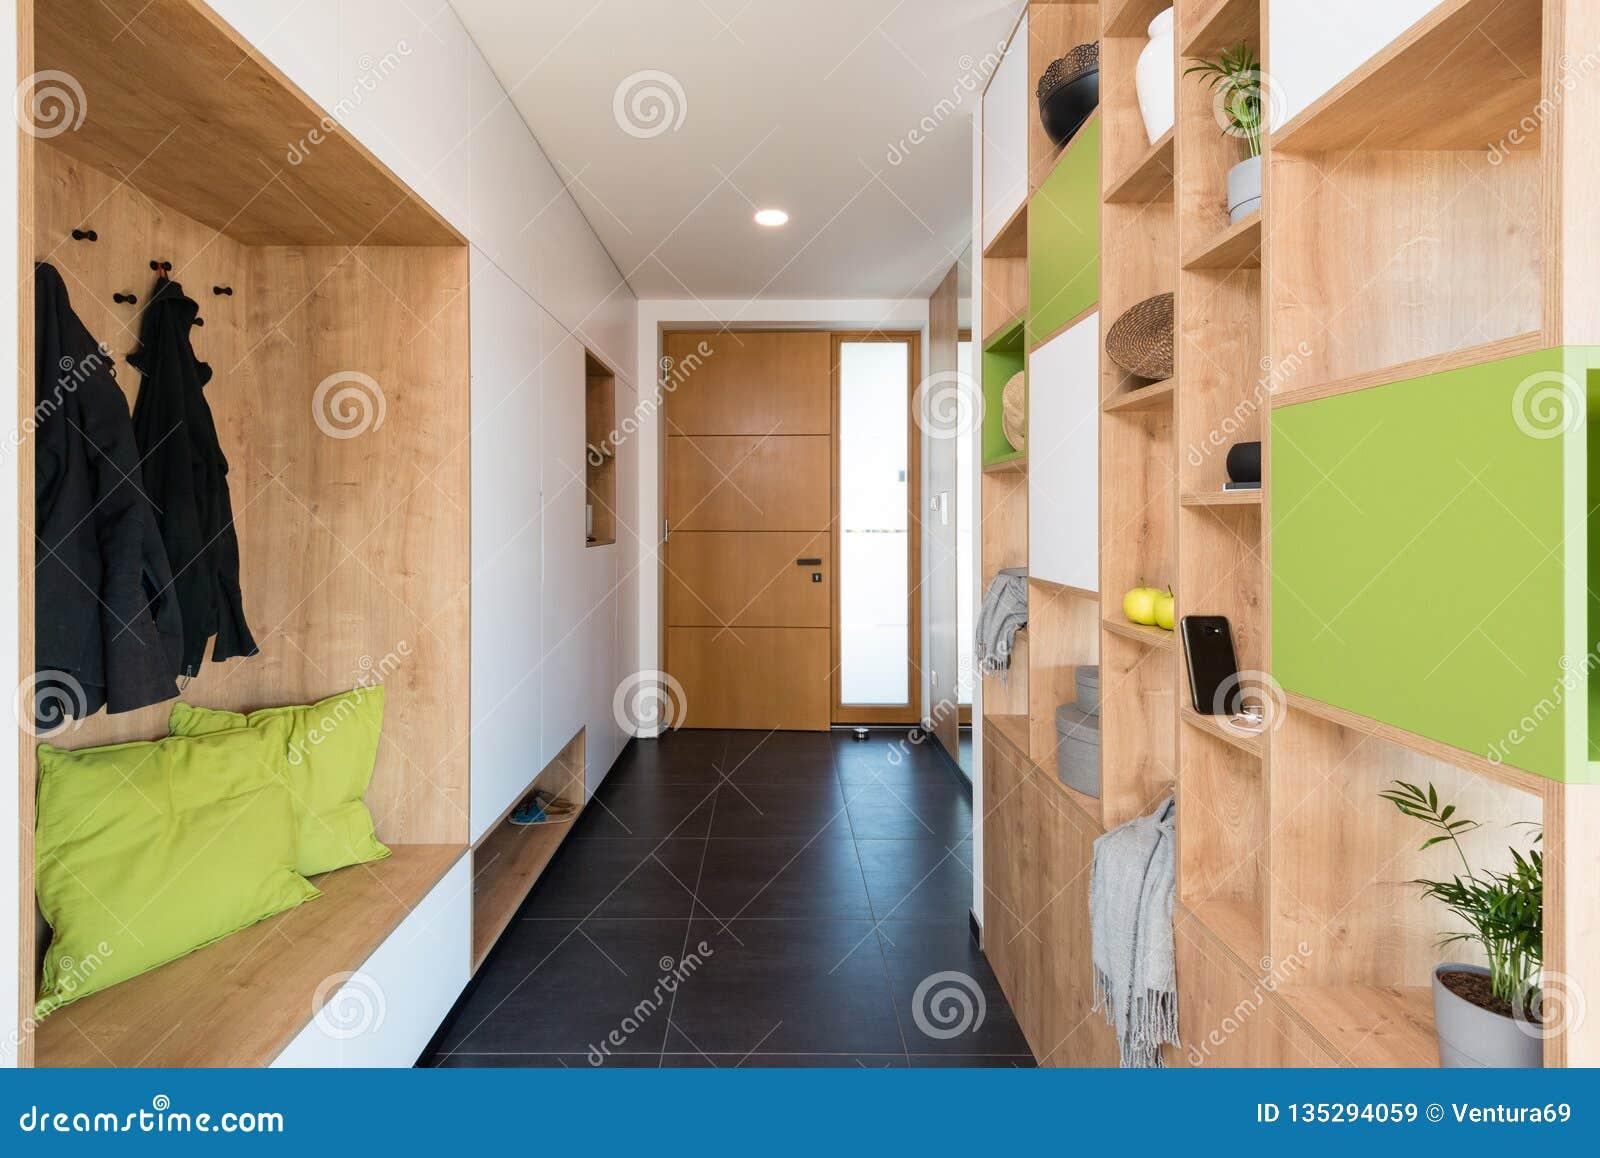 Hall de maison moderne image stock. Image du conception - 135294059